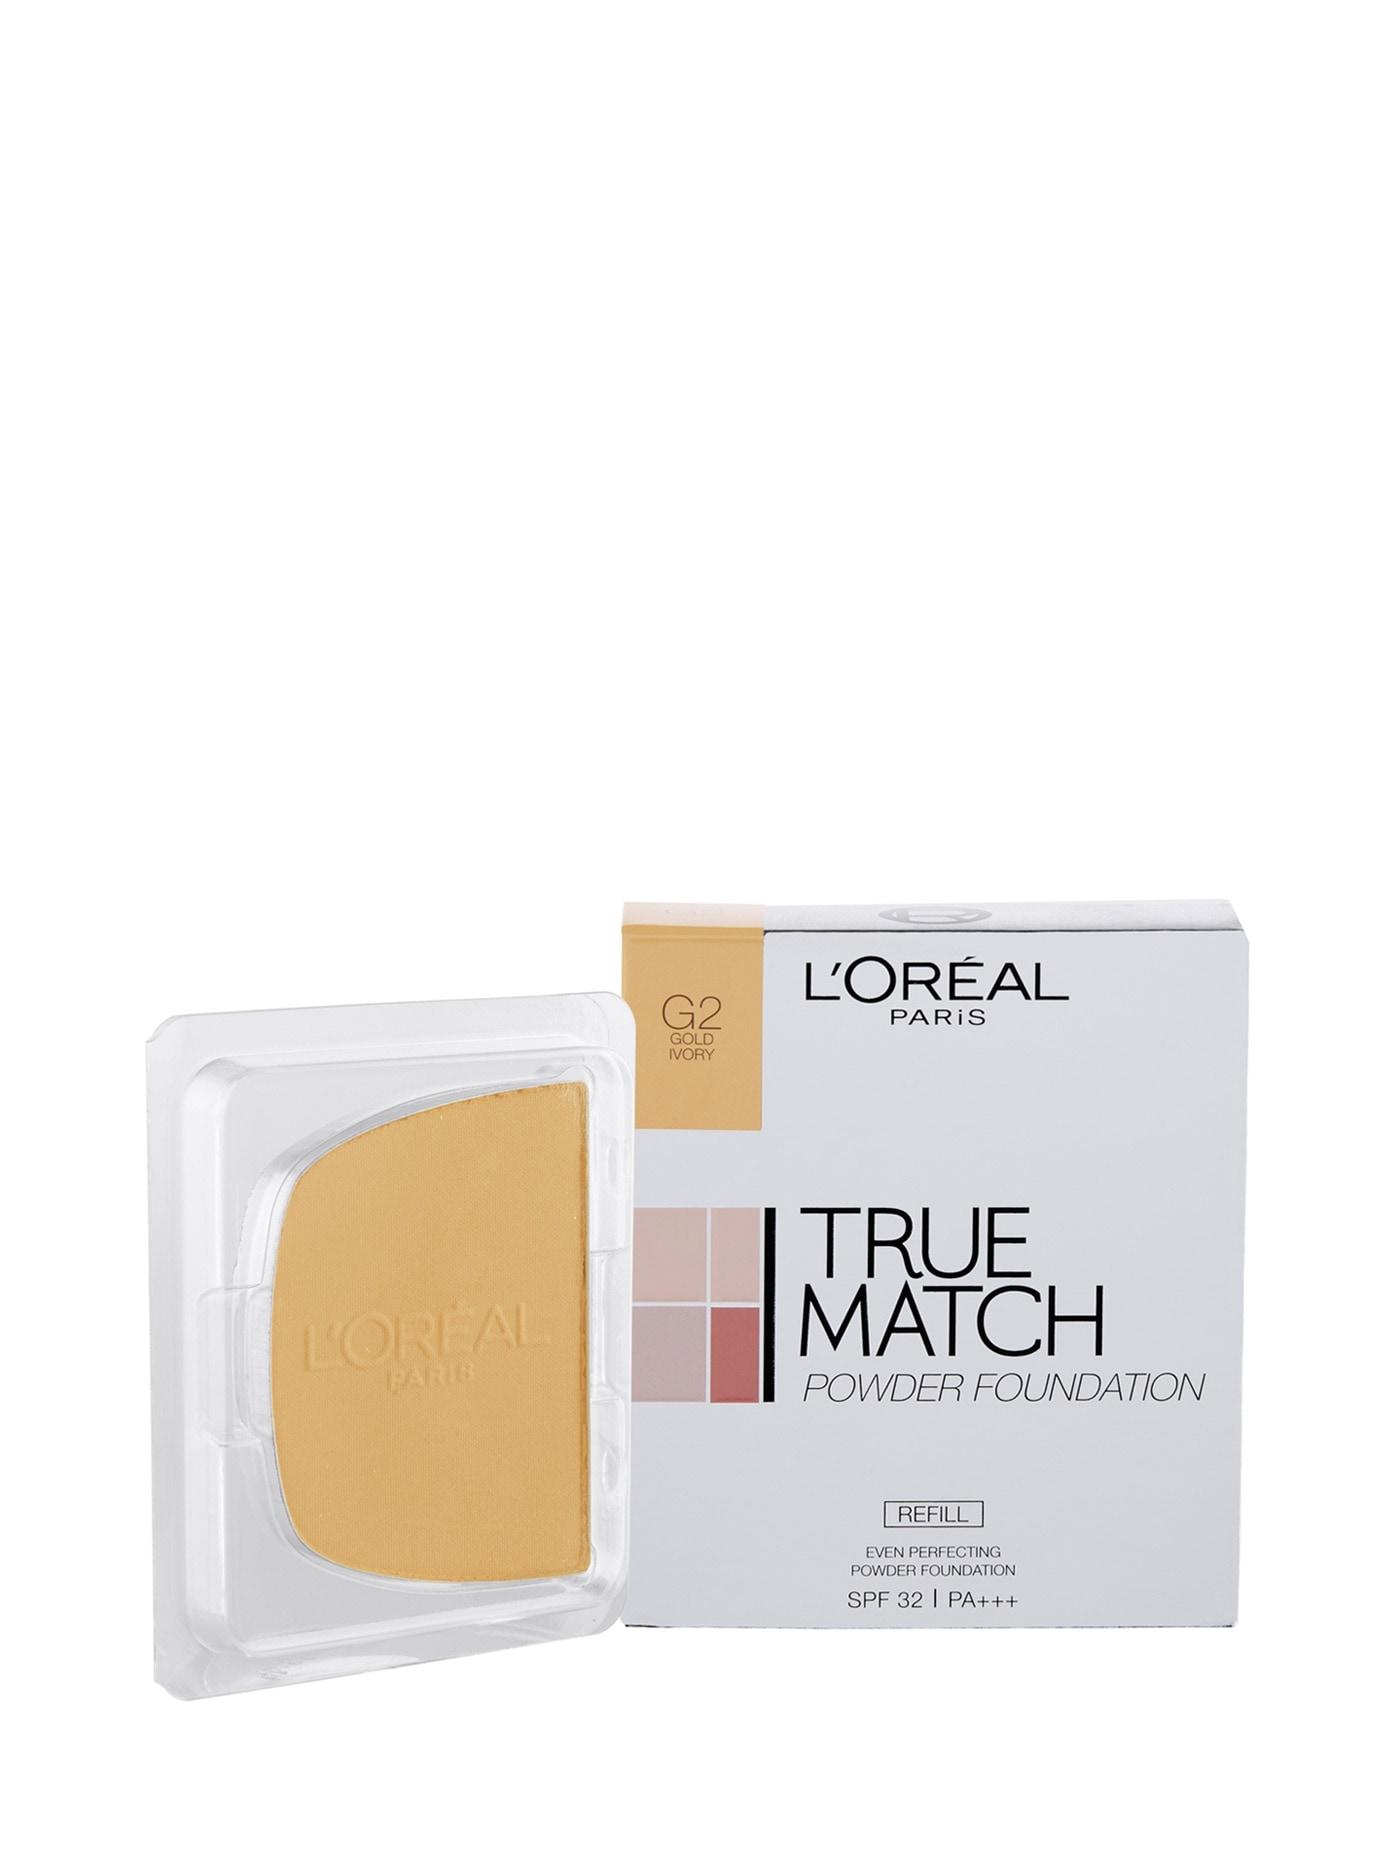 รองพื้นในรูปแบบรีฟิล True Match Even Perfecting Powder Foundation SPF32/PA+++ (Refill) G2 Gold Ivory